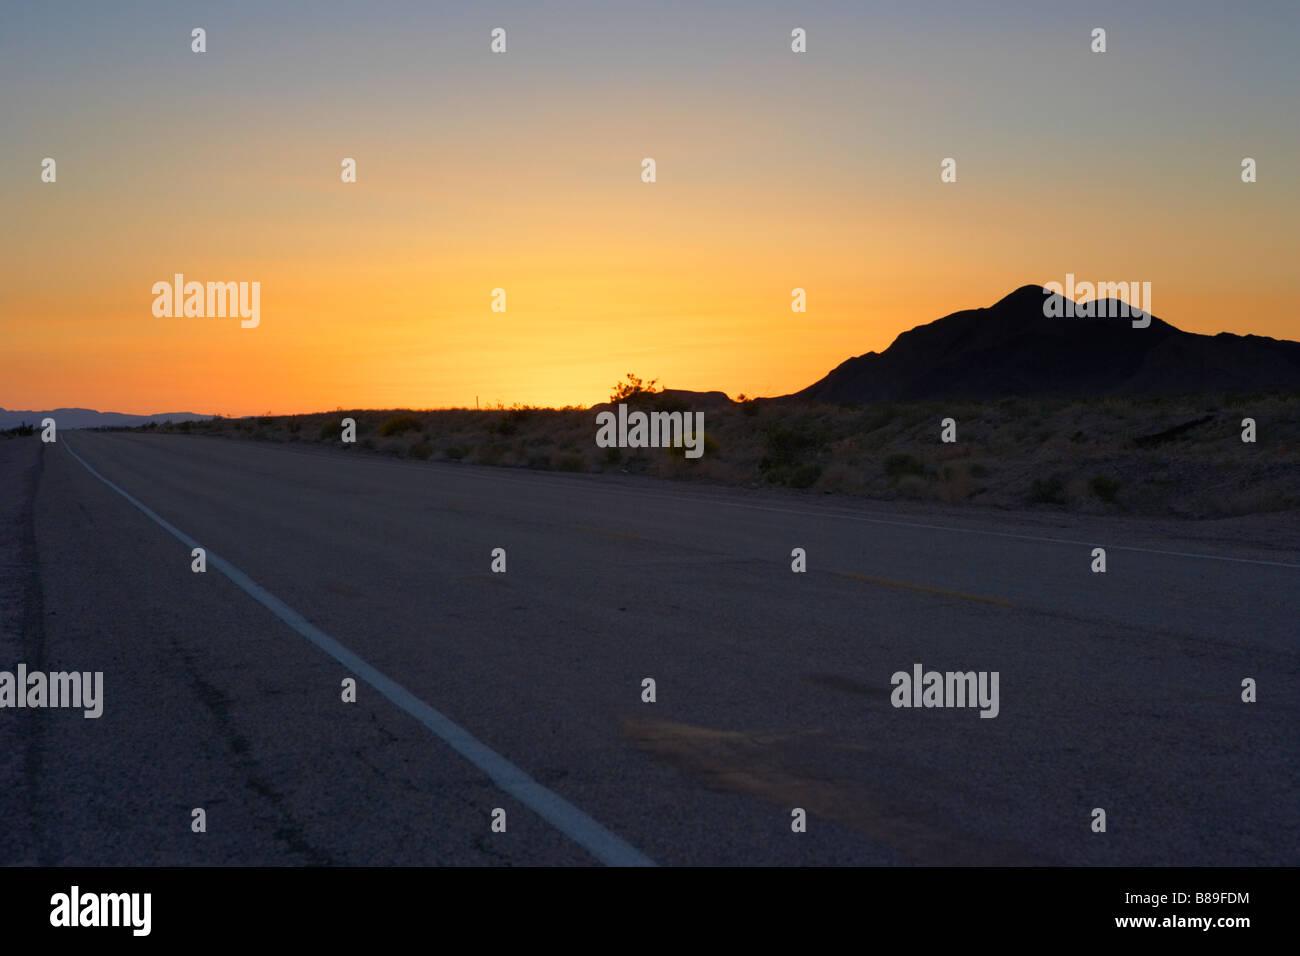 Verlassenen Straße in Mojave-Wüste Kalifornien Vereinigte Staaten von Amerika Stockbild